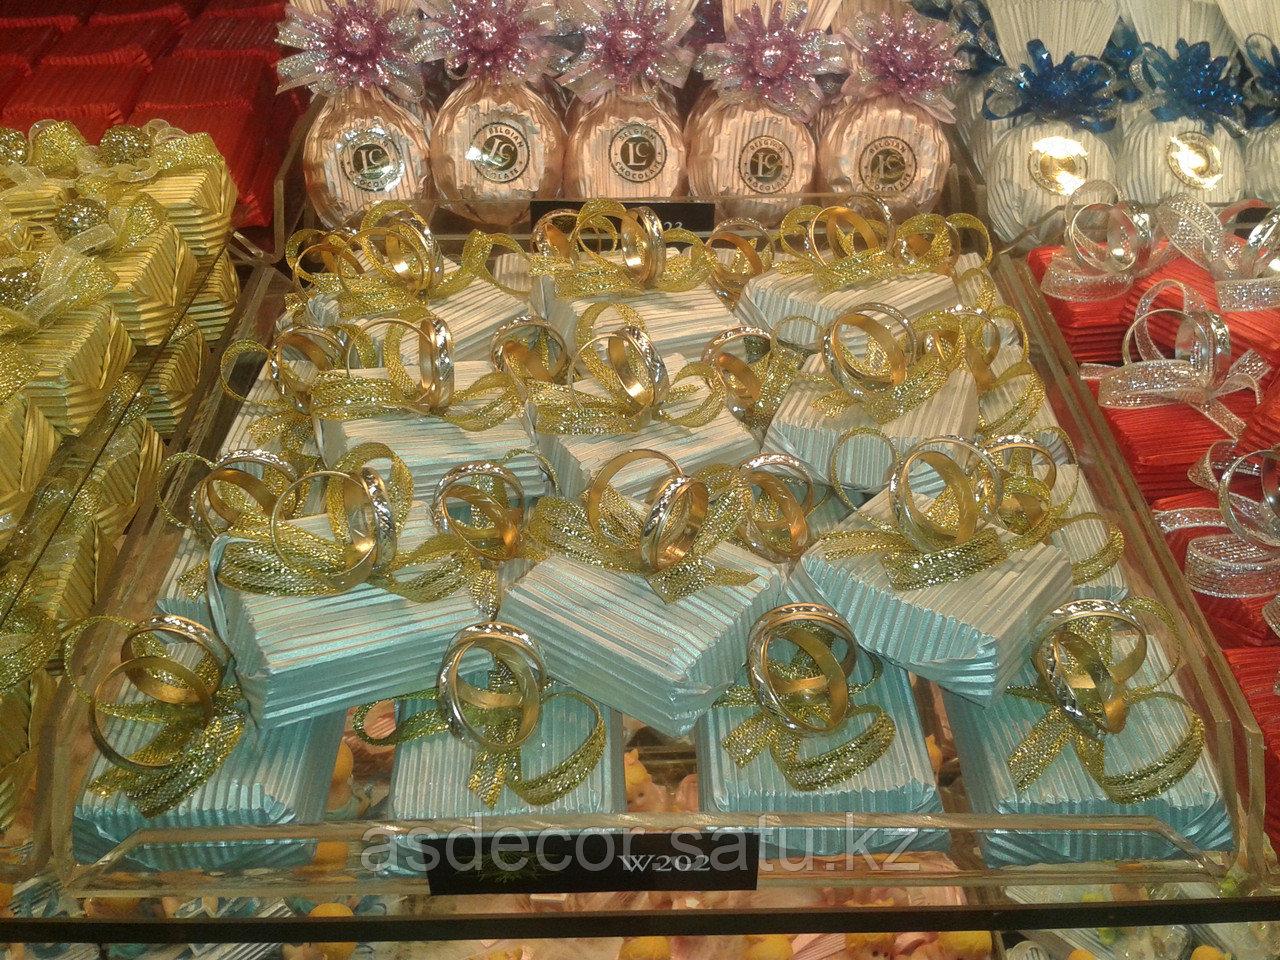 Шоколадные Бонбоньерки на свадьбу с кольцом. - фото 1